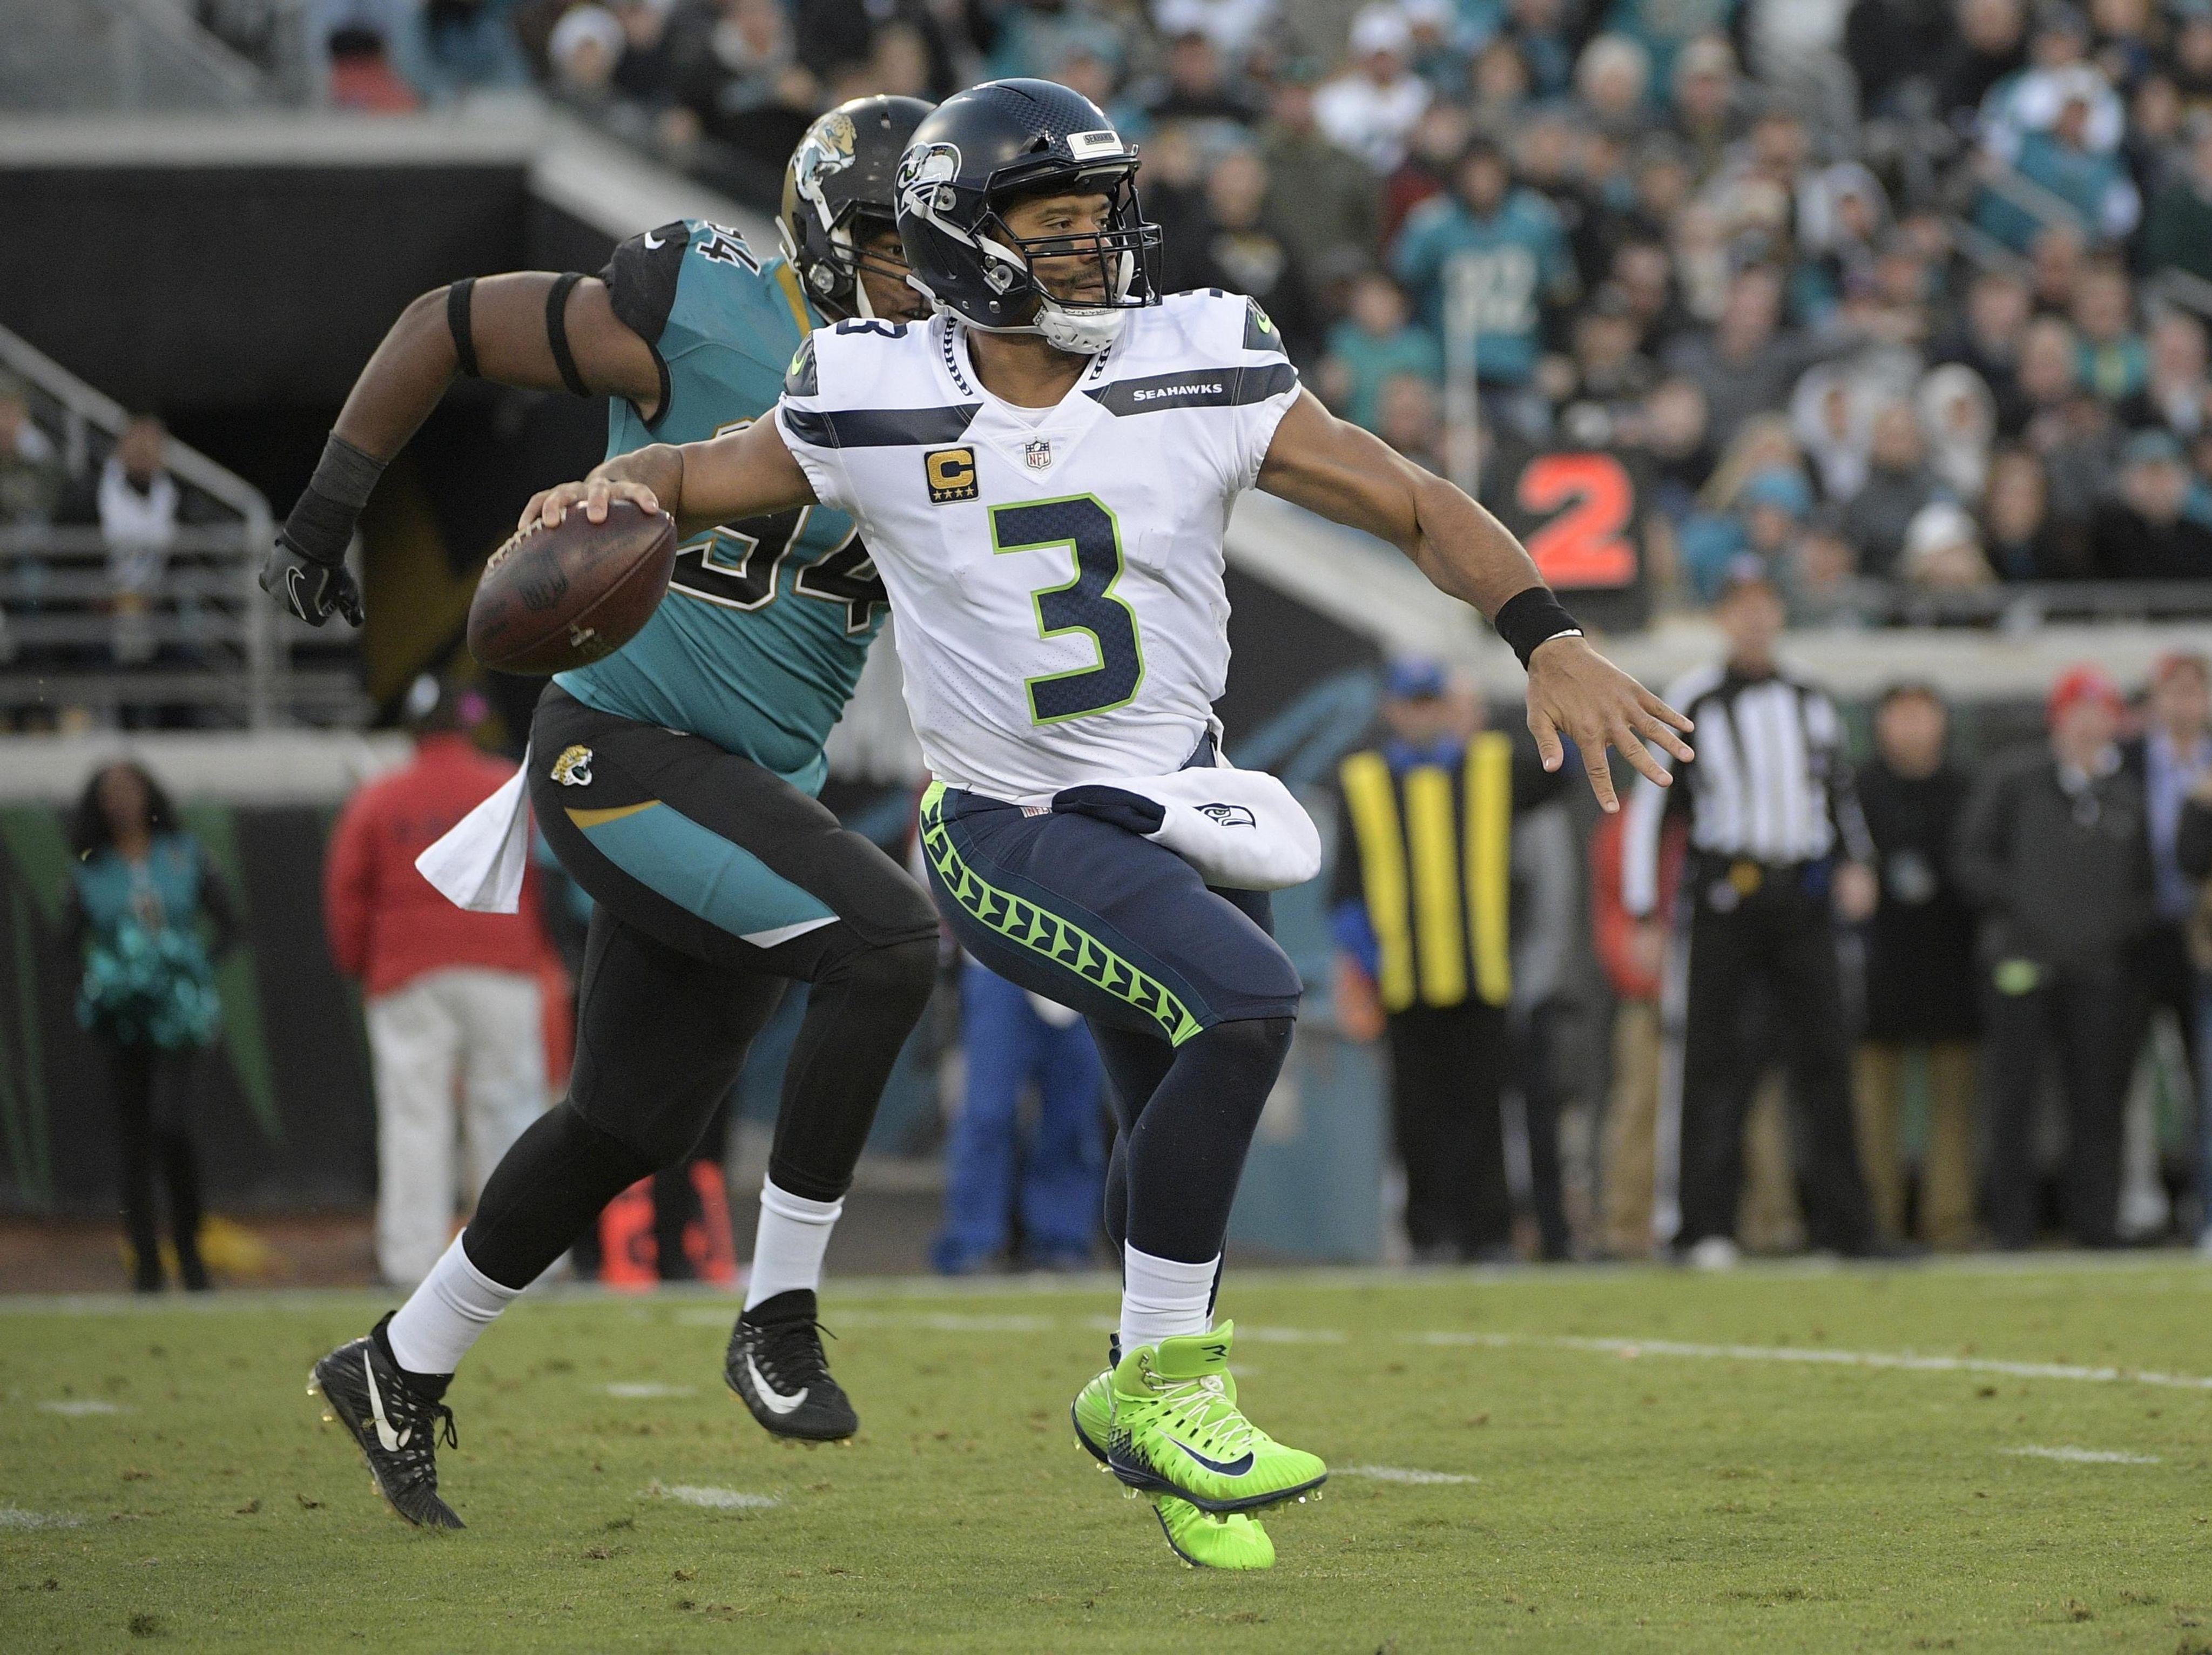 Seahawks_jaguars_football_78740_s4096x3065